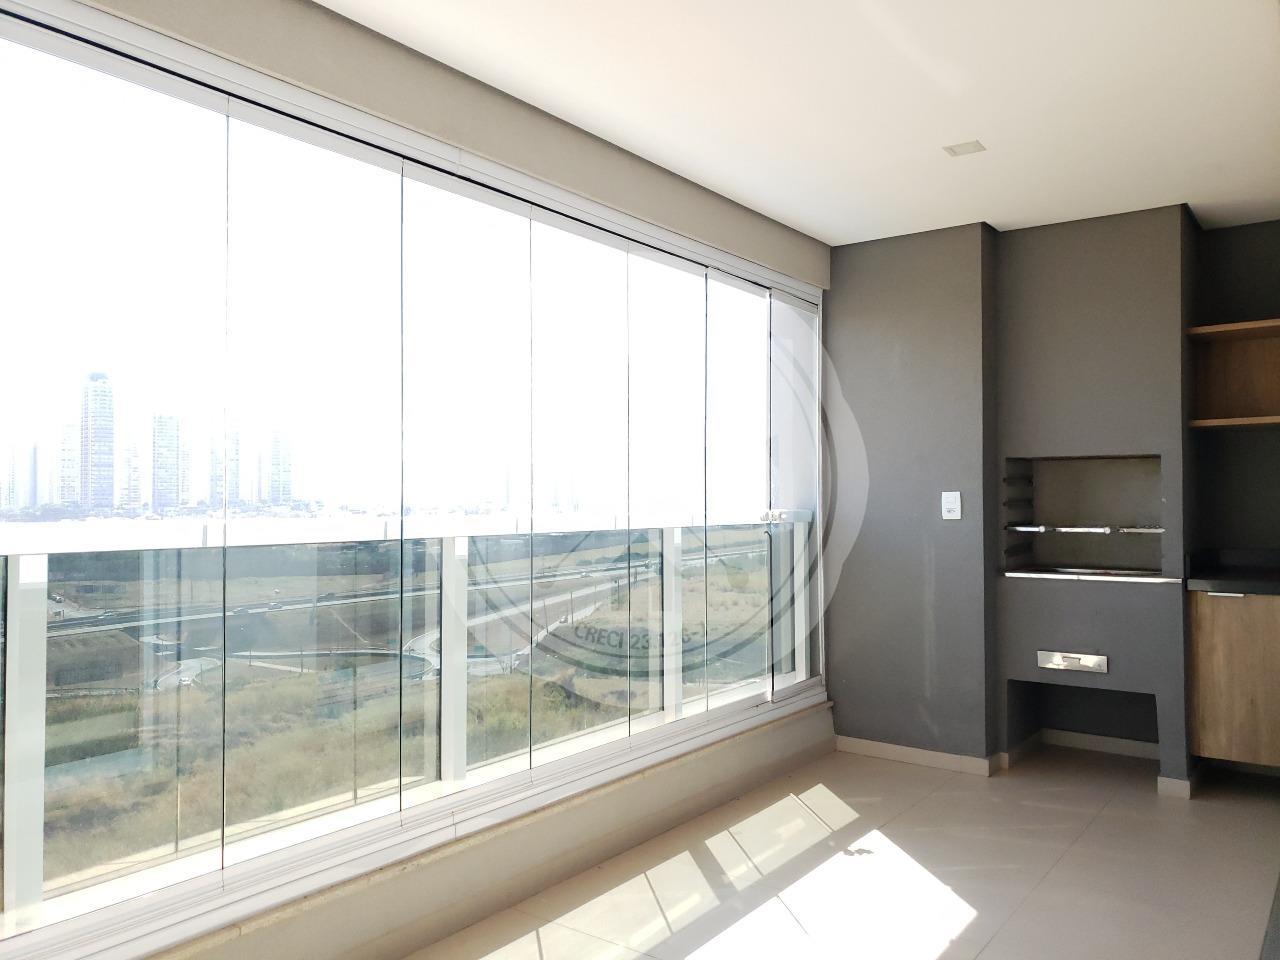 Exclusivo apartamento à venda, 3 dormitórios sendo 1 suíte no bairro Jardim Olhos d'Água.